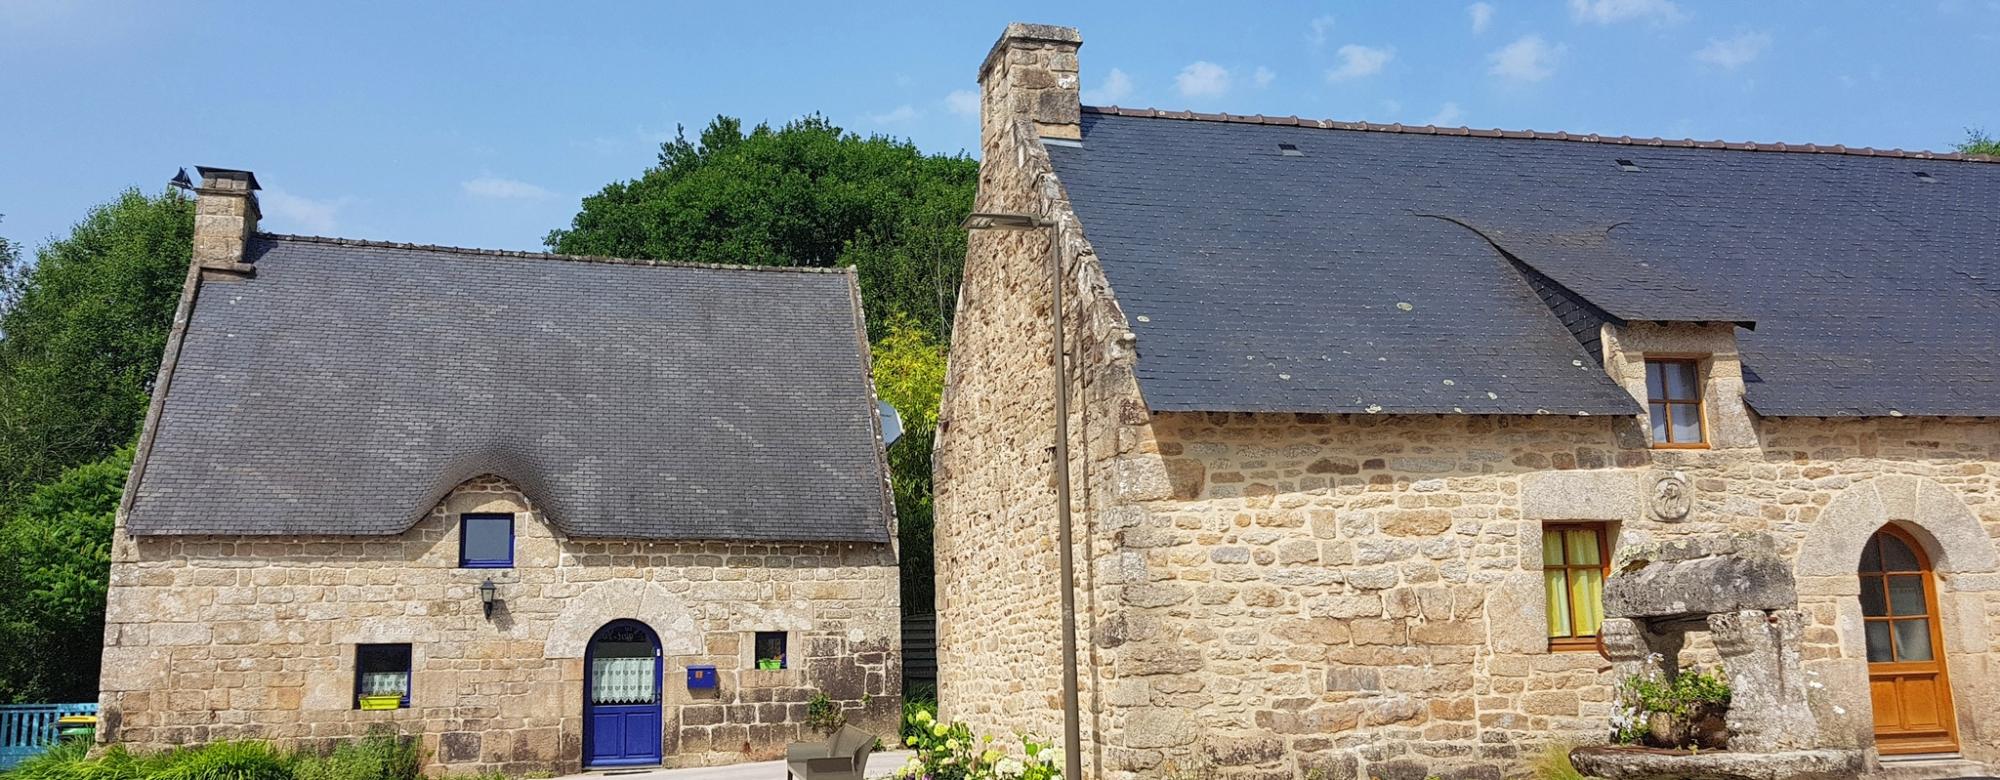 Bubry, les chaumières du village de Saint Yves